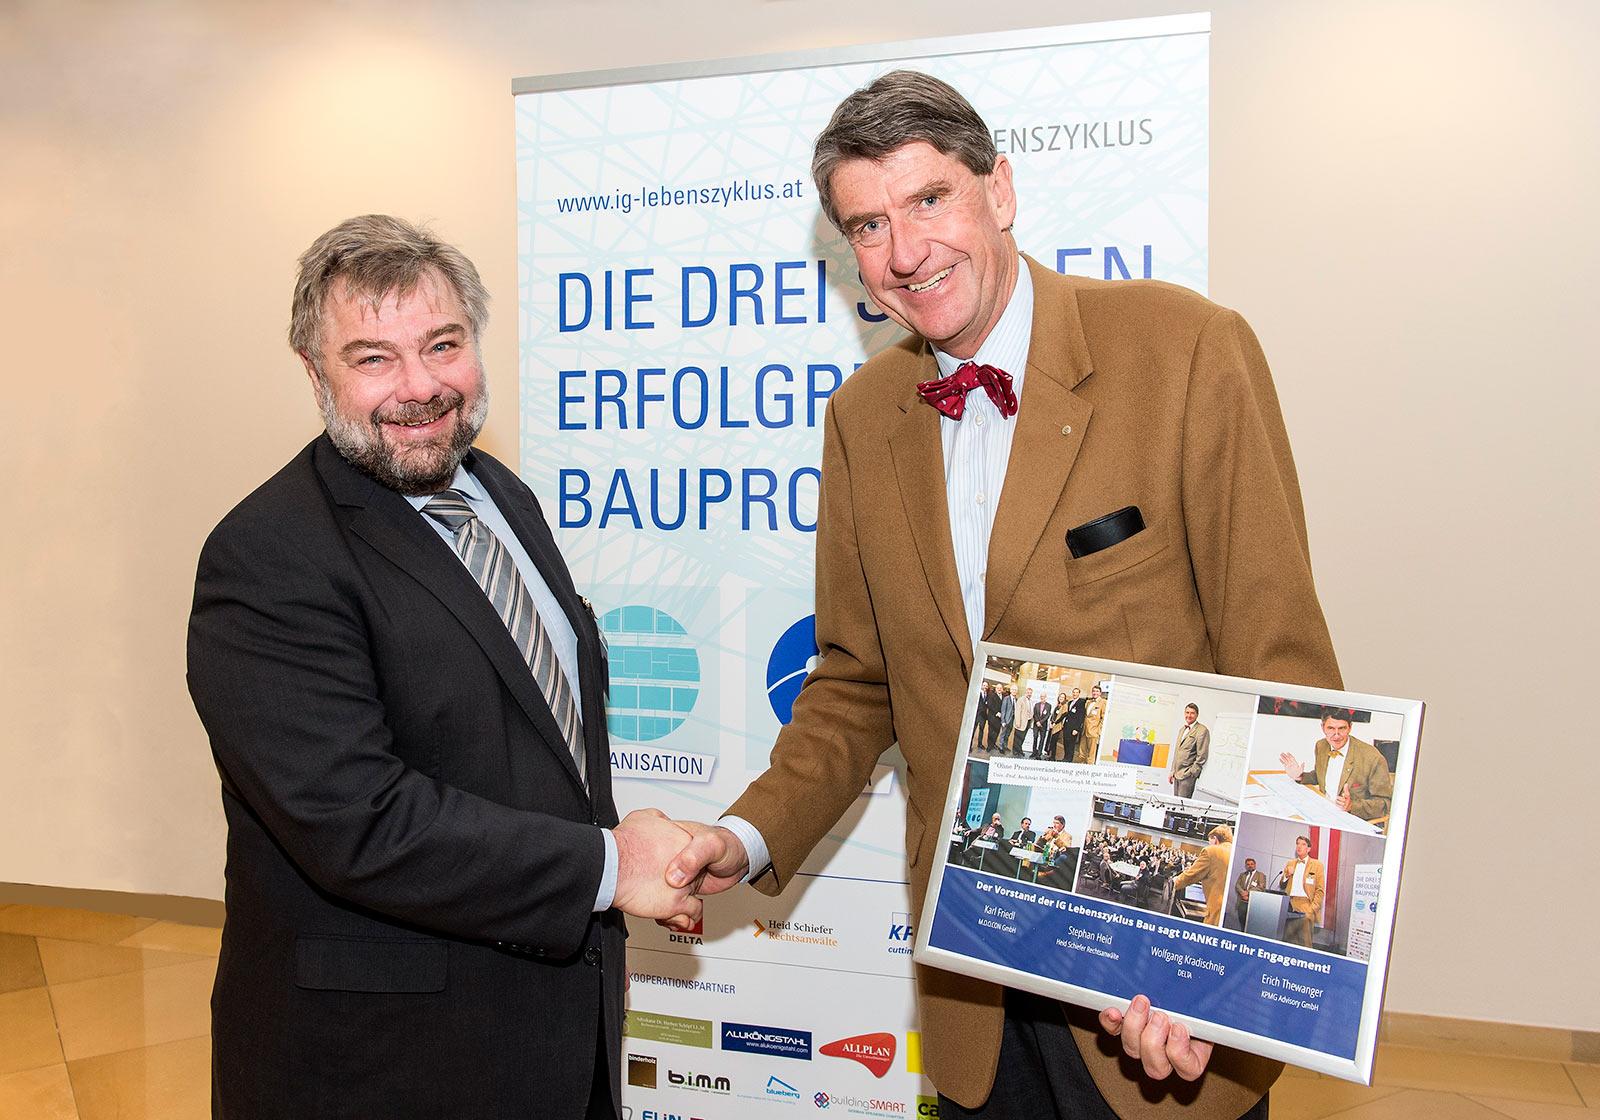 Karl Friedl (M.o.o.con) congratulates Christoph M. Achammer (ATP architekten ingenieure). Photo: IG Lebenszyklus Hochbau